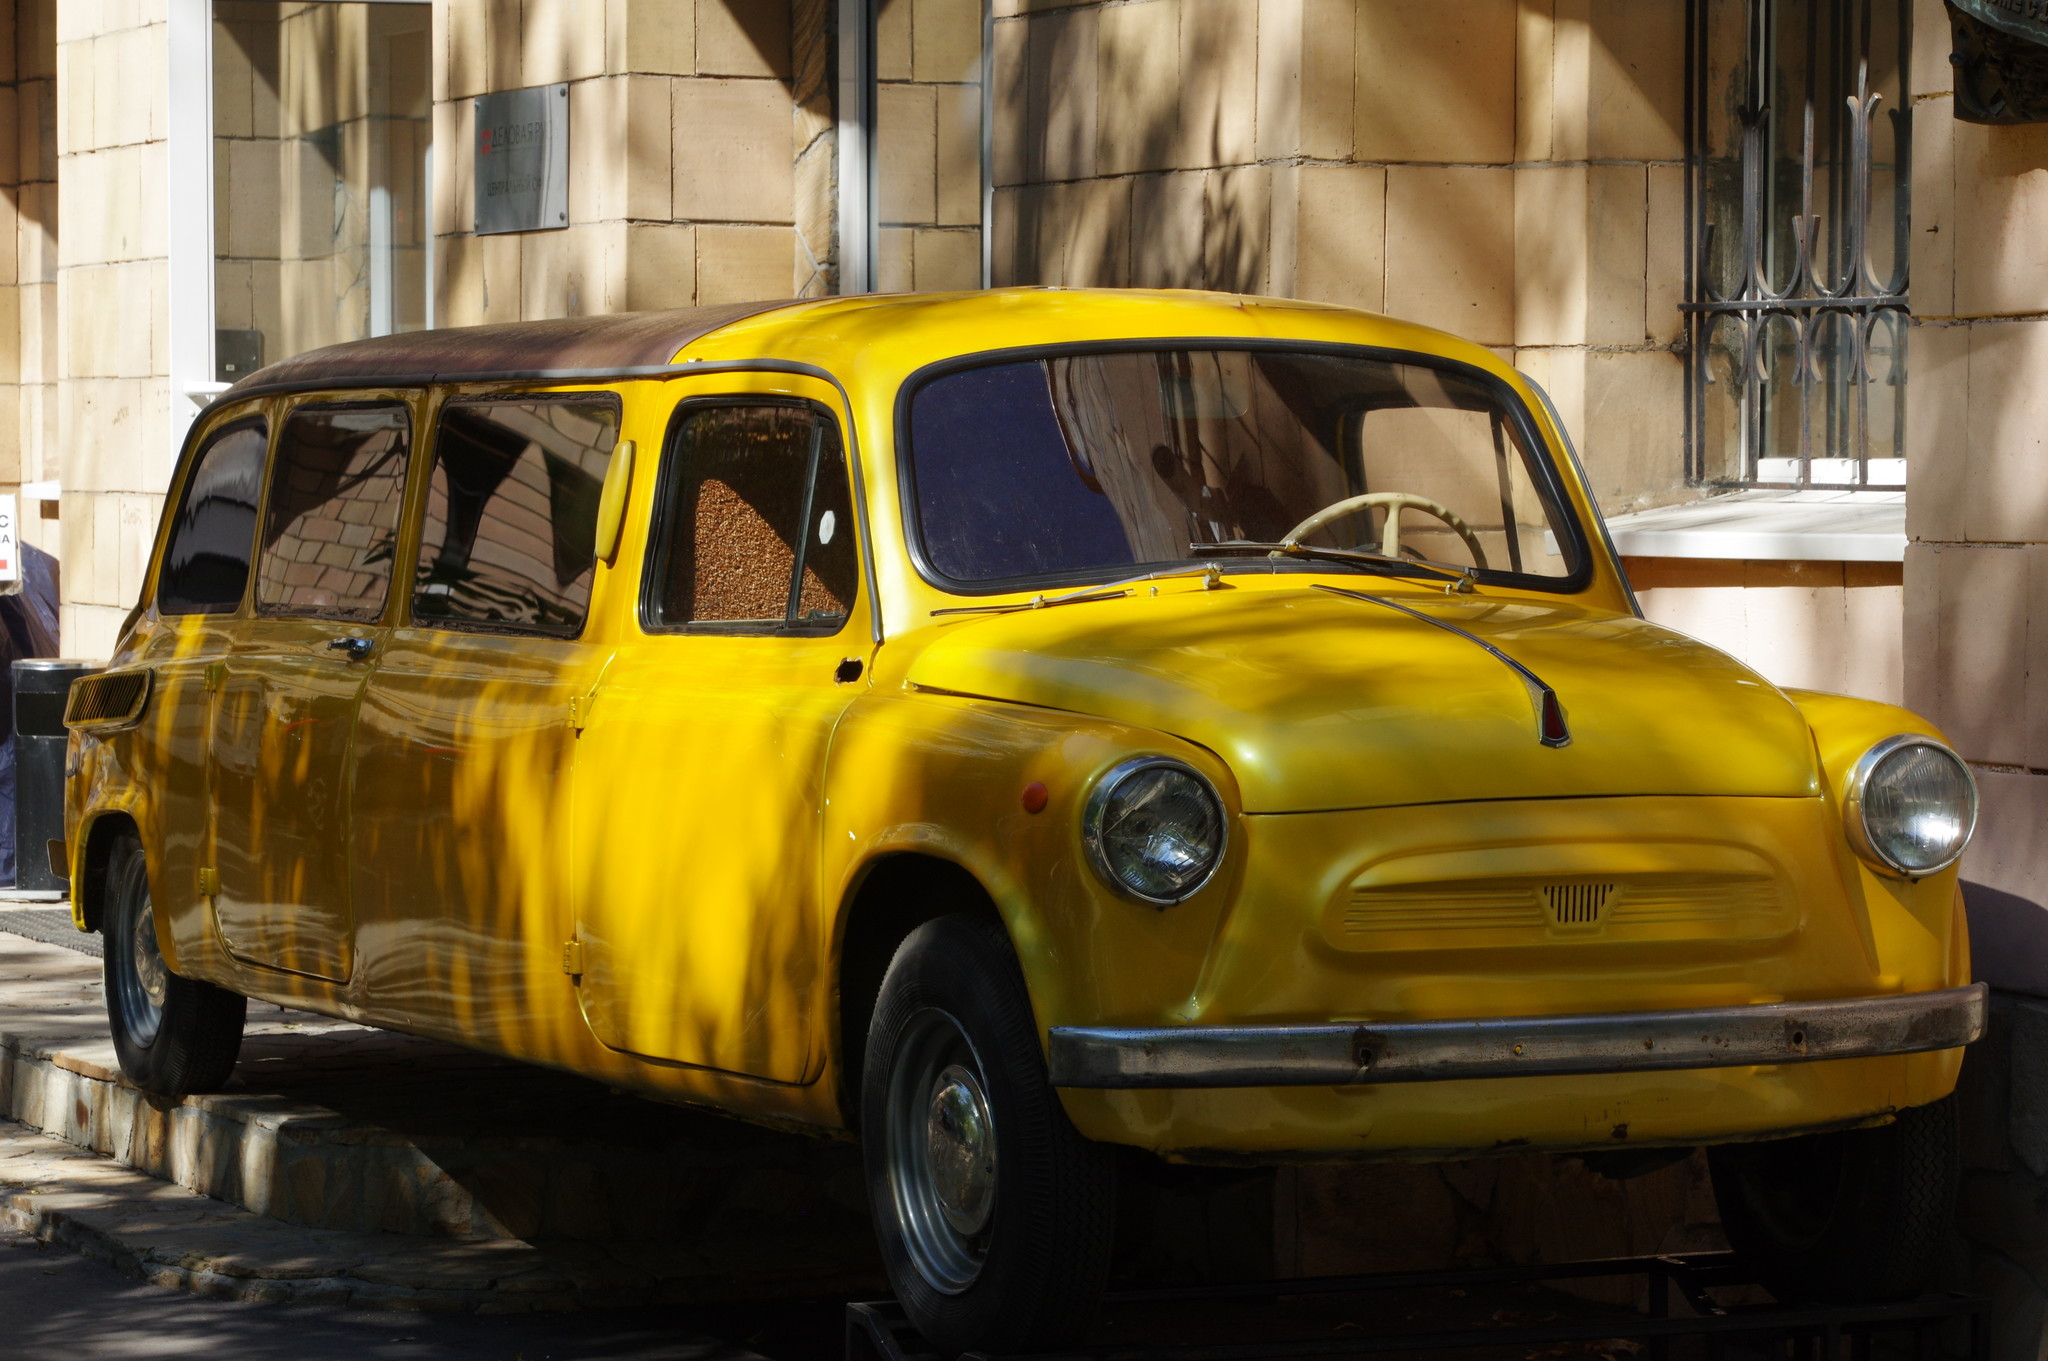 Автомобиль у дома в Москве, где жил режиссёр Леонид Иович Гайдай (улица Черняховского, дом 5, корпус 1)